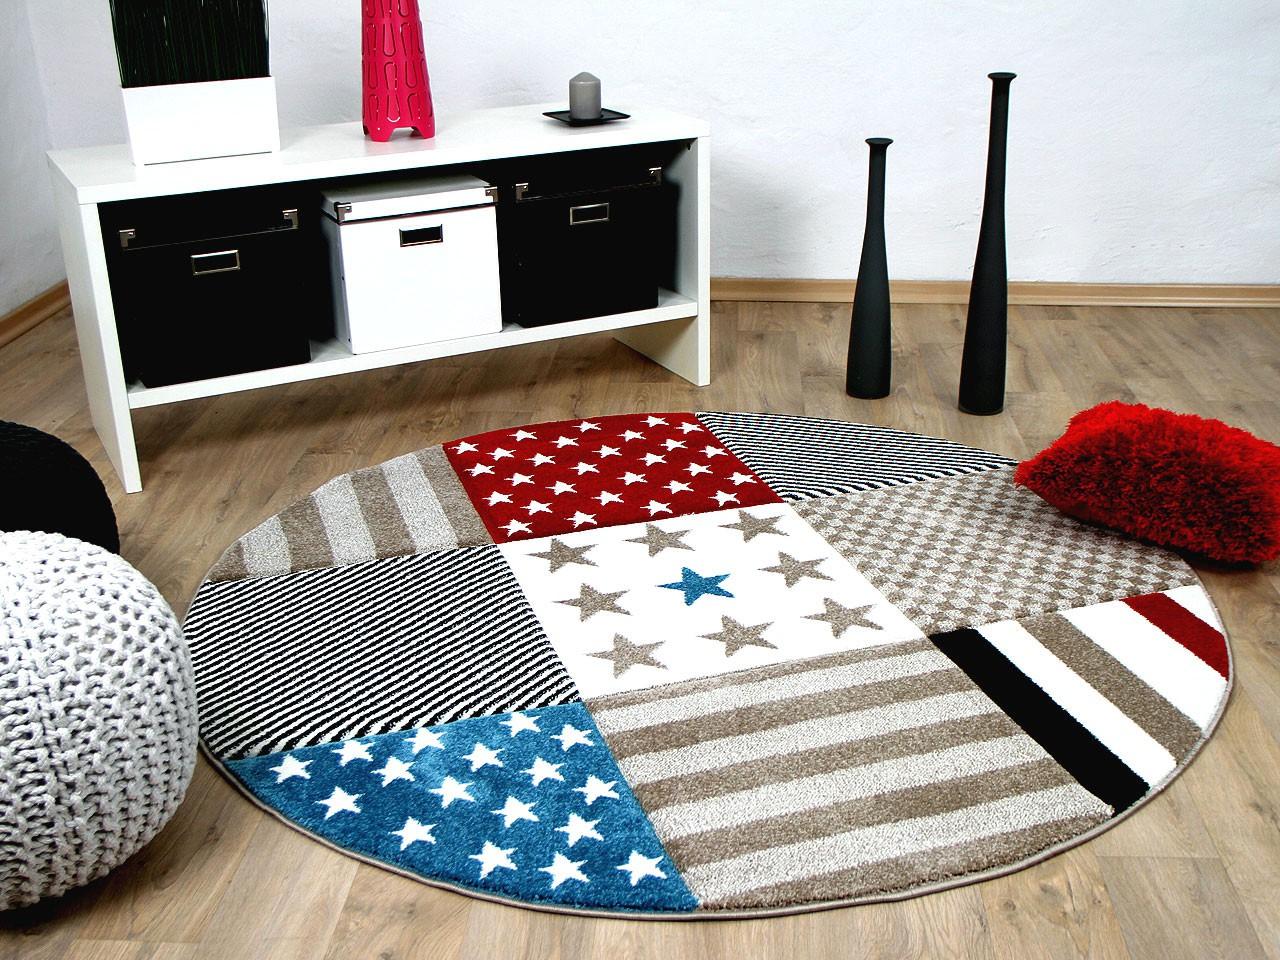 kinder und jugend teppich maui sterne rot blau rund ebay. Black Bedroom Furniture Sets. Home Design Ideas